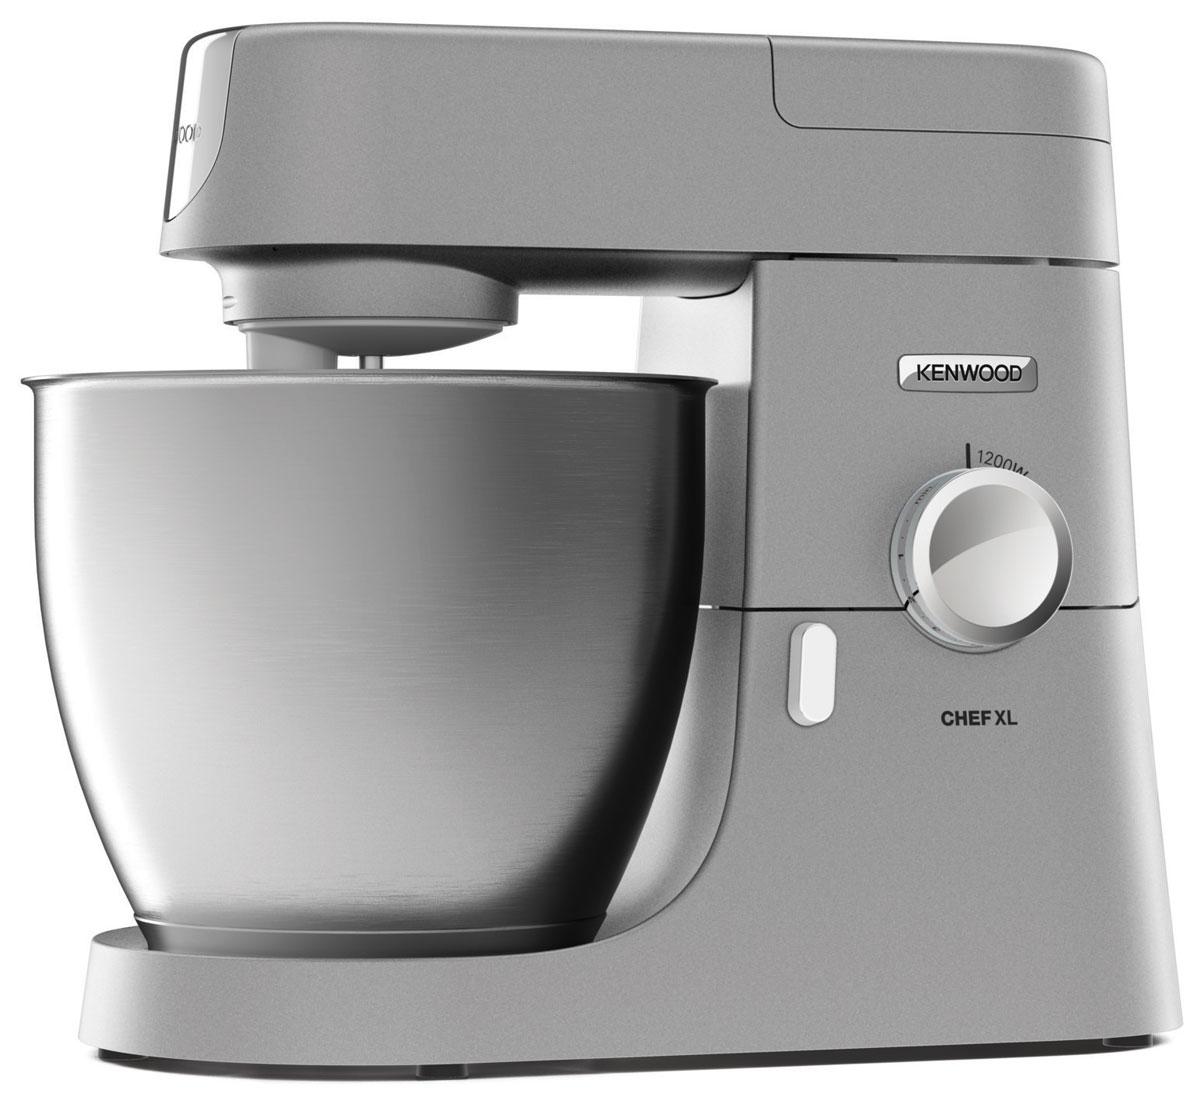 Kenwood KVL4100S Chef XL кухонная машинаKVL4100SПриготовьте вместе с надежной кухонной машиной Chef XL KVL4100S вкуснейшую еду на ваш стол, удивляйте родных и друзей. Этот продукт, разработанный для легкой работы по приготовлению разнообразных блюд и поможет вам легко создать их. Хотите ли вы создать домашнюю сальсу, смешать здоровые коктейли и супы, фаршировать овощи или приготовить макаронные изделия, а как на счет домашнего мороженного? Kenwood Chef XL поможет вам в приготовлении разнообразных кулинарных изысков.